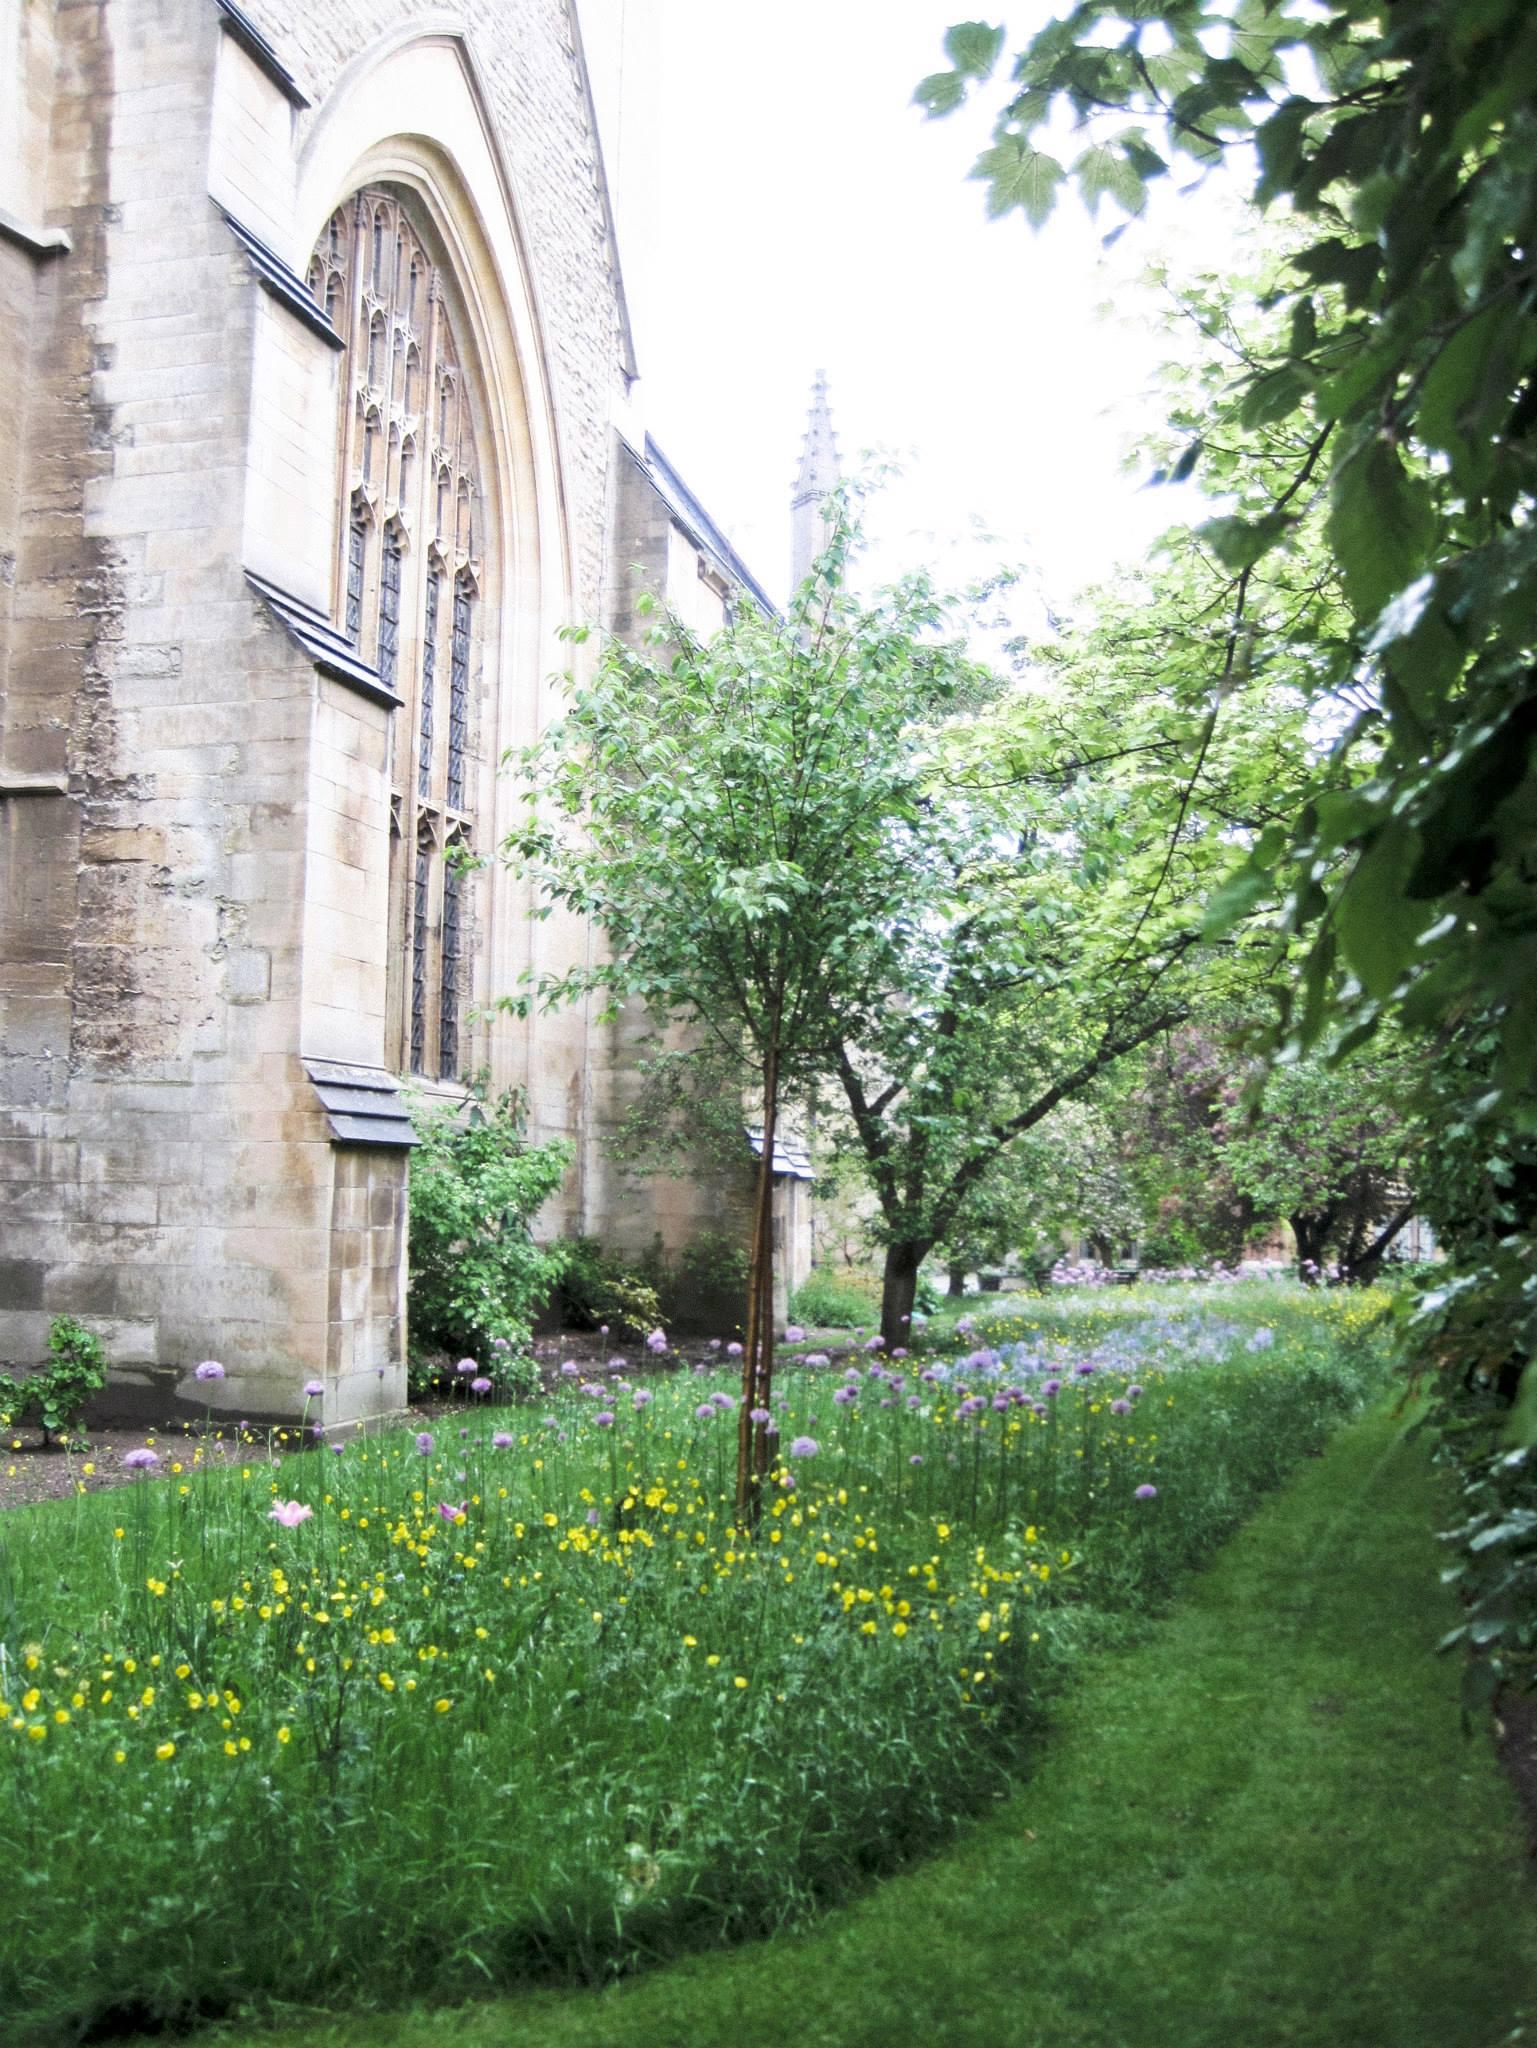 Wildflower garden in Oxford.